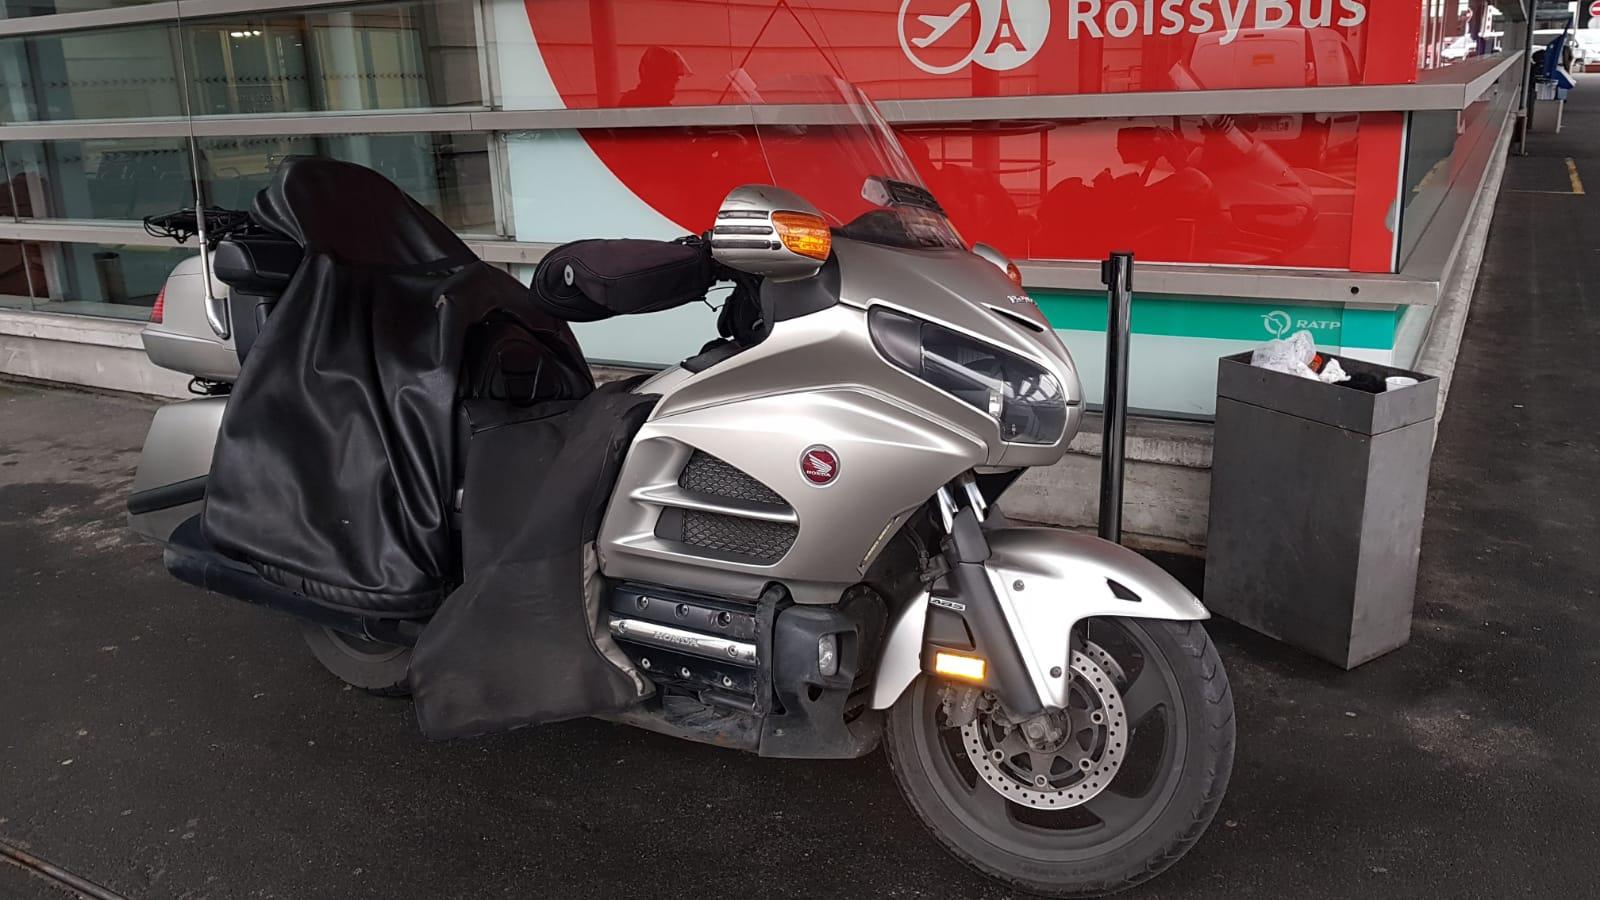 Taxis moto Paris : Des horaires respectés ?